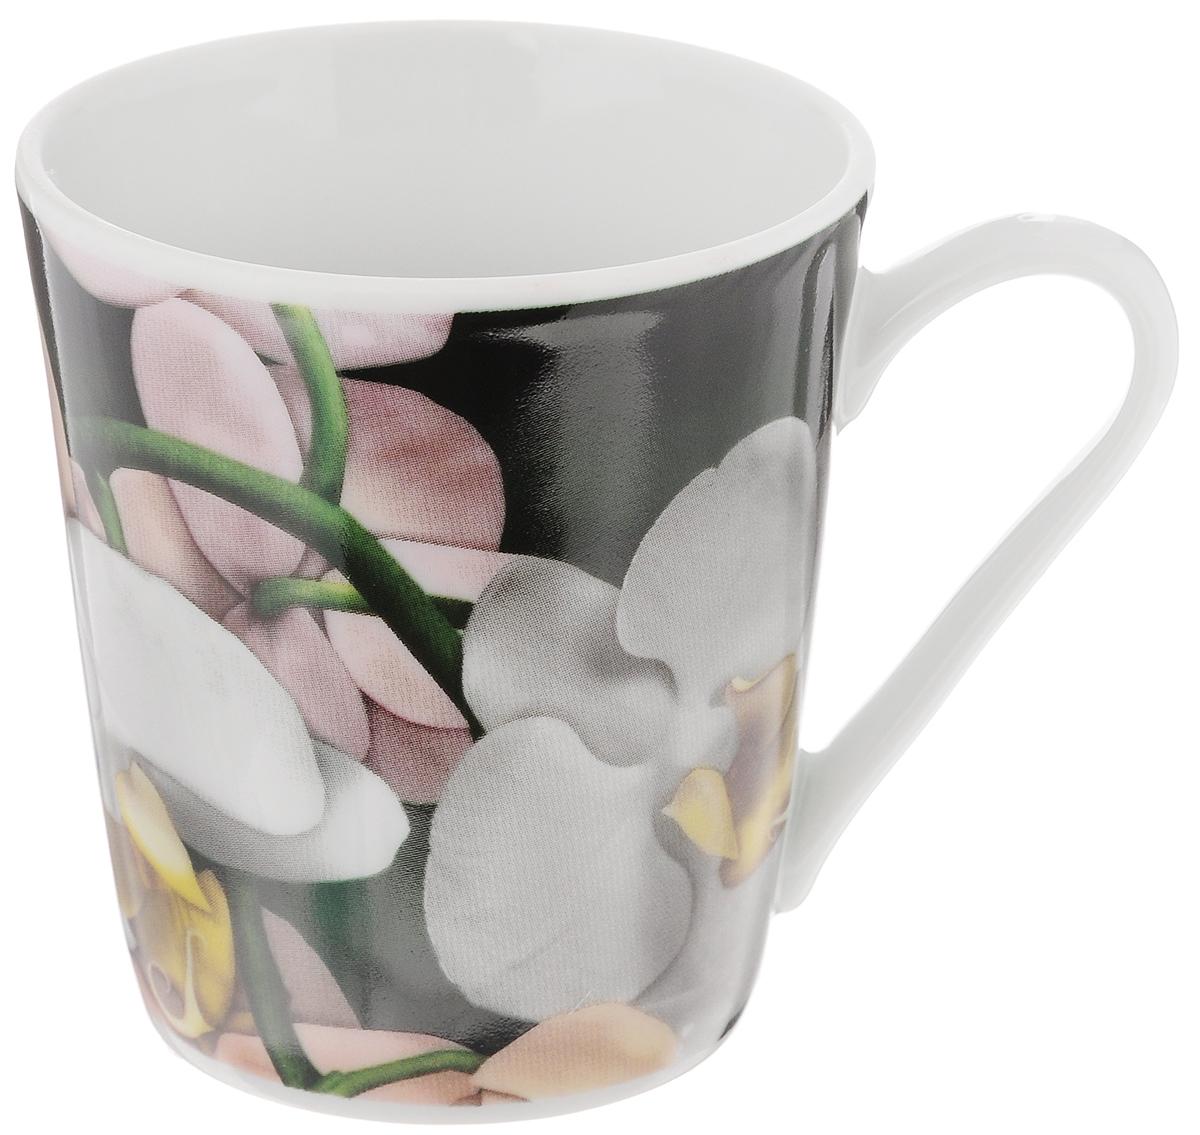 Кружка Классик. Орхидея, цвет: зеленый, серый, 300 мл115510Кружка Классик. Орхидея изготовлена из высококачественного фарфора. Изделие оформлено красочным цветочным рисунком и покрыто превосходной глазурью. Изысканная кружка прекрасно оформит стол к чаепитию и станет его неизменным атрибутом.Диаметр кружки (по верхнему краю): 8,5 см.Высота стенок: 9,5 см.